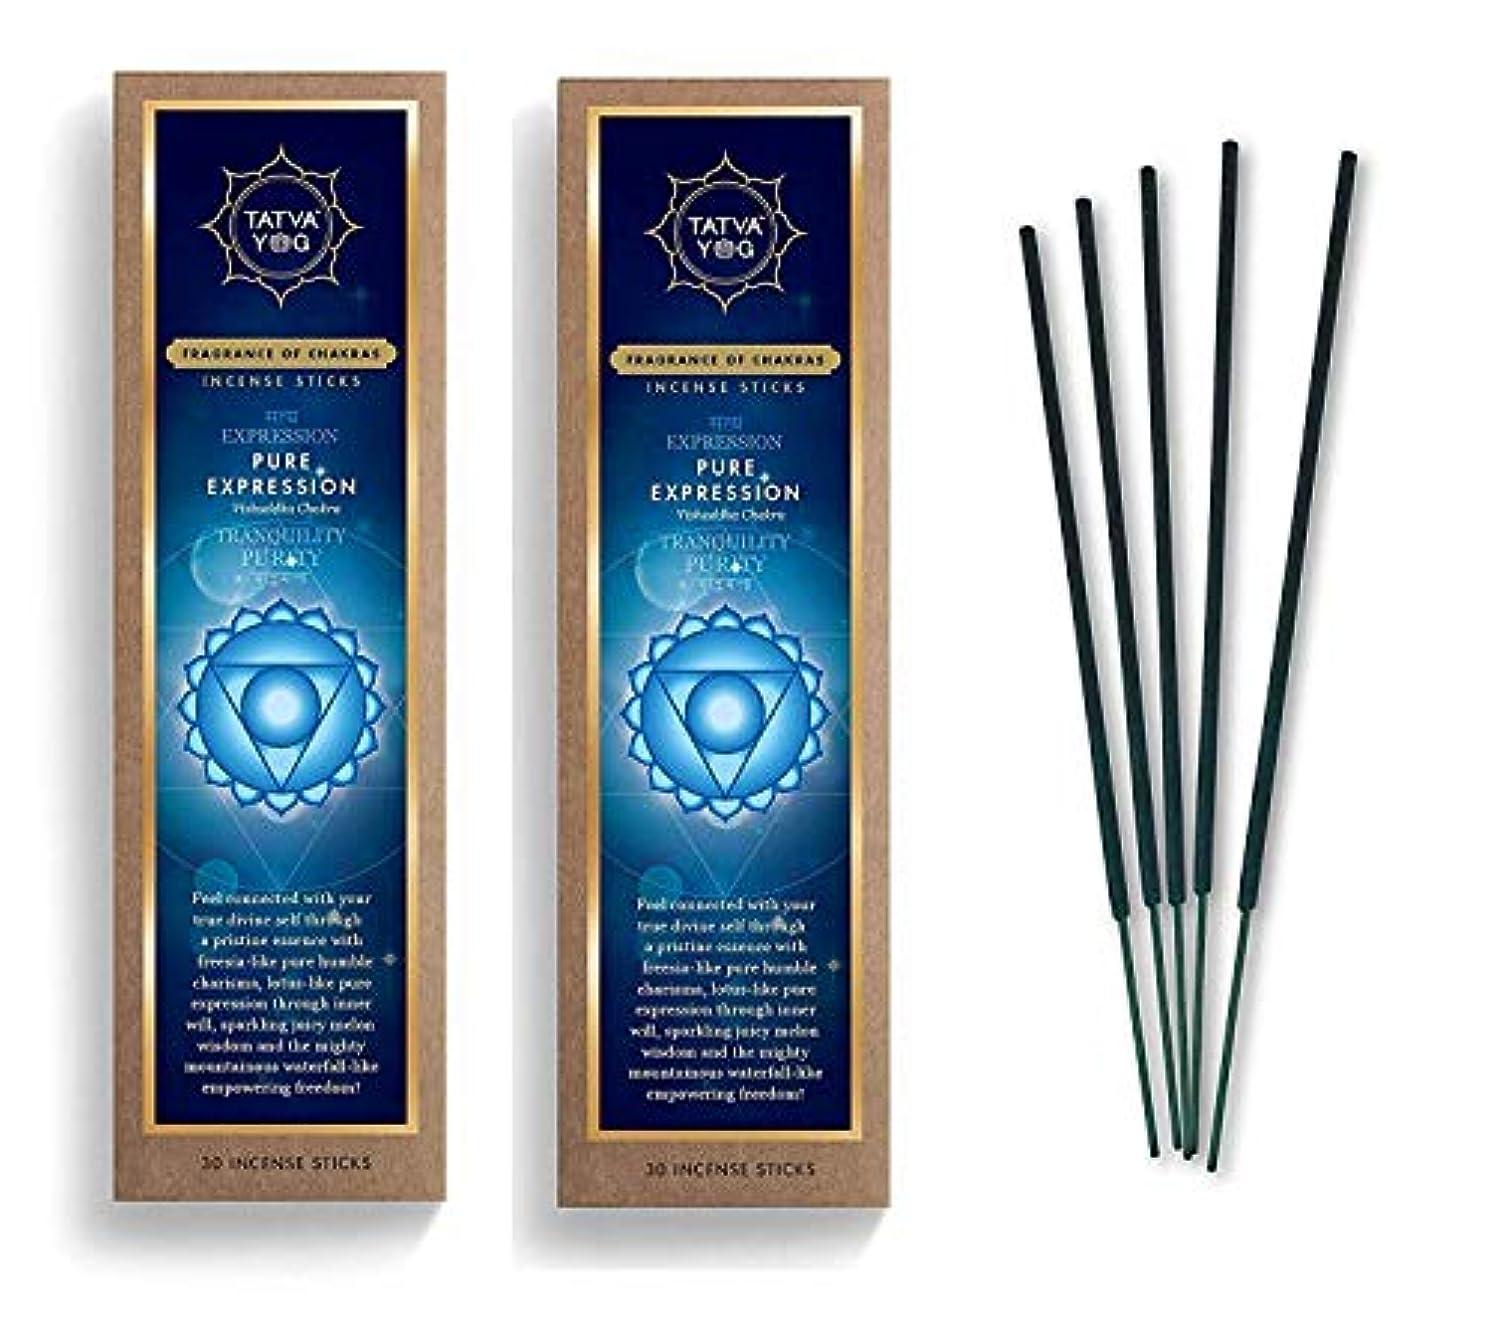 突撃スコットランド人主権者Pure Expression Long Lasting Incense Sticks for Daily Pooja|Festive|Home|Scented Natural Agarbatti for Positive Energy|Good Health & Wealth (Pack of 2 | 30 Sticks Per Pack)